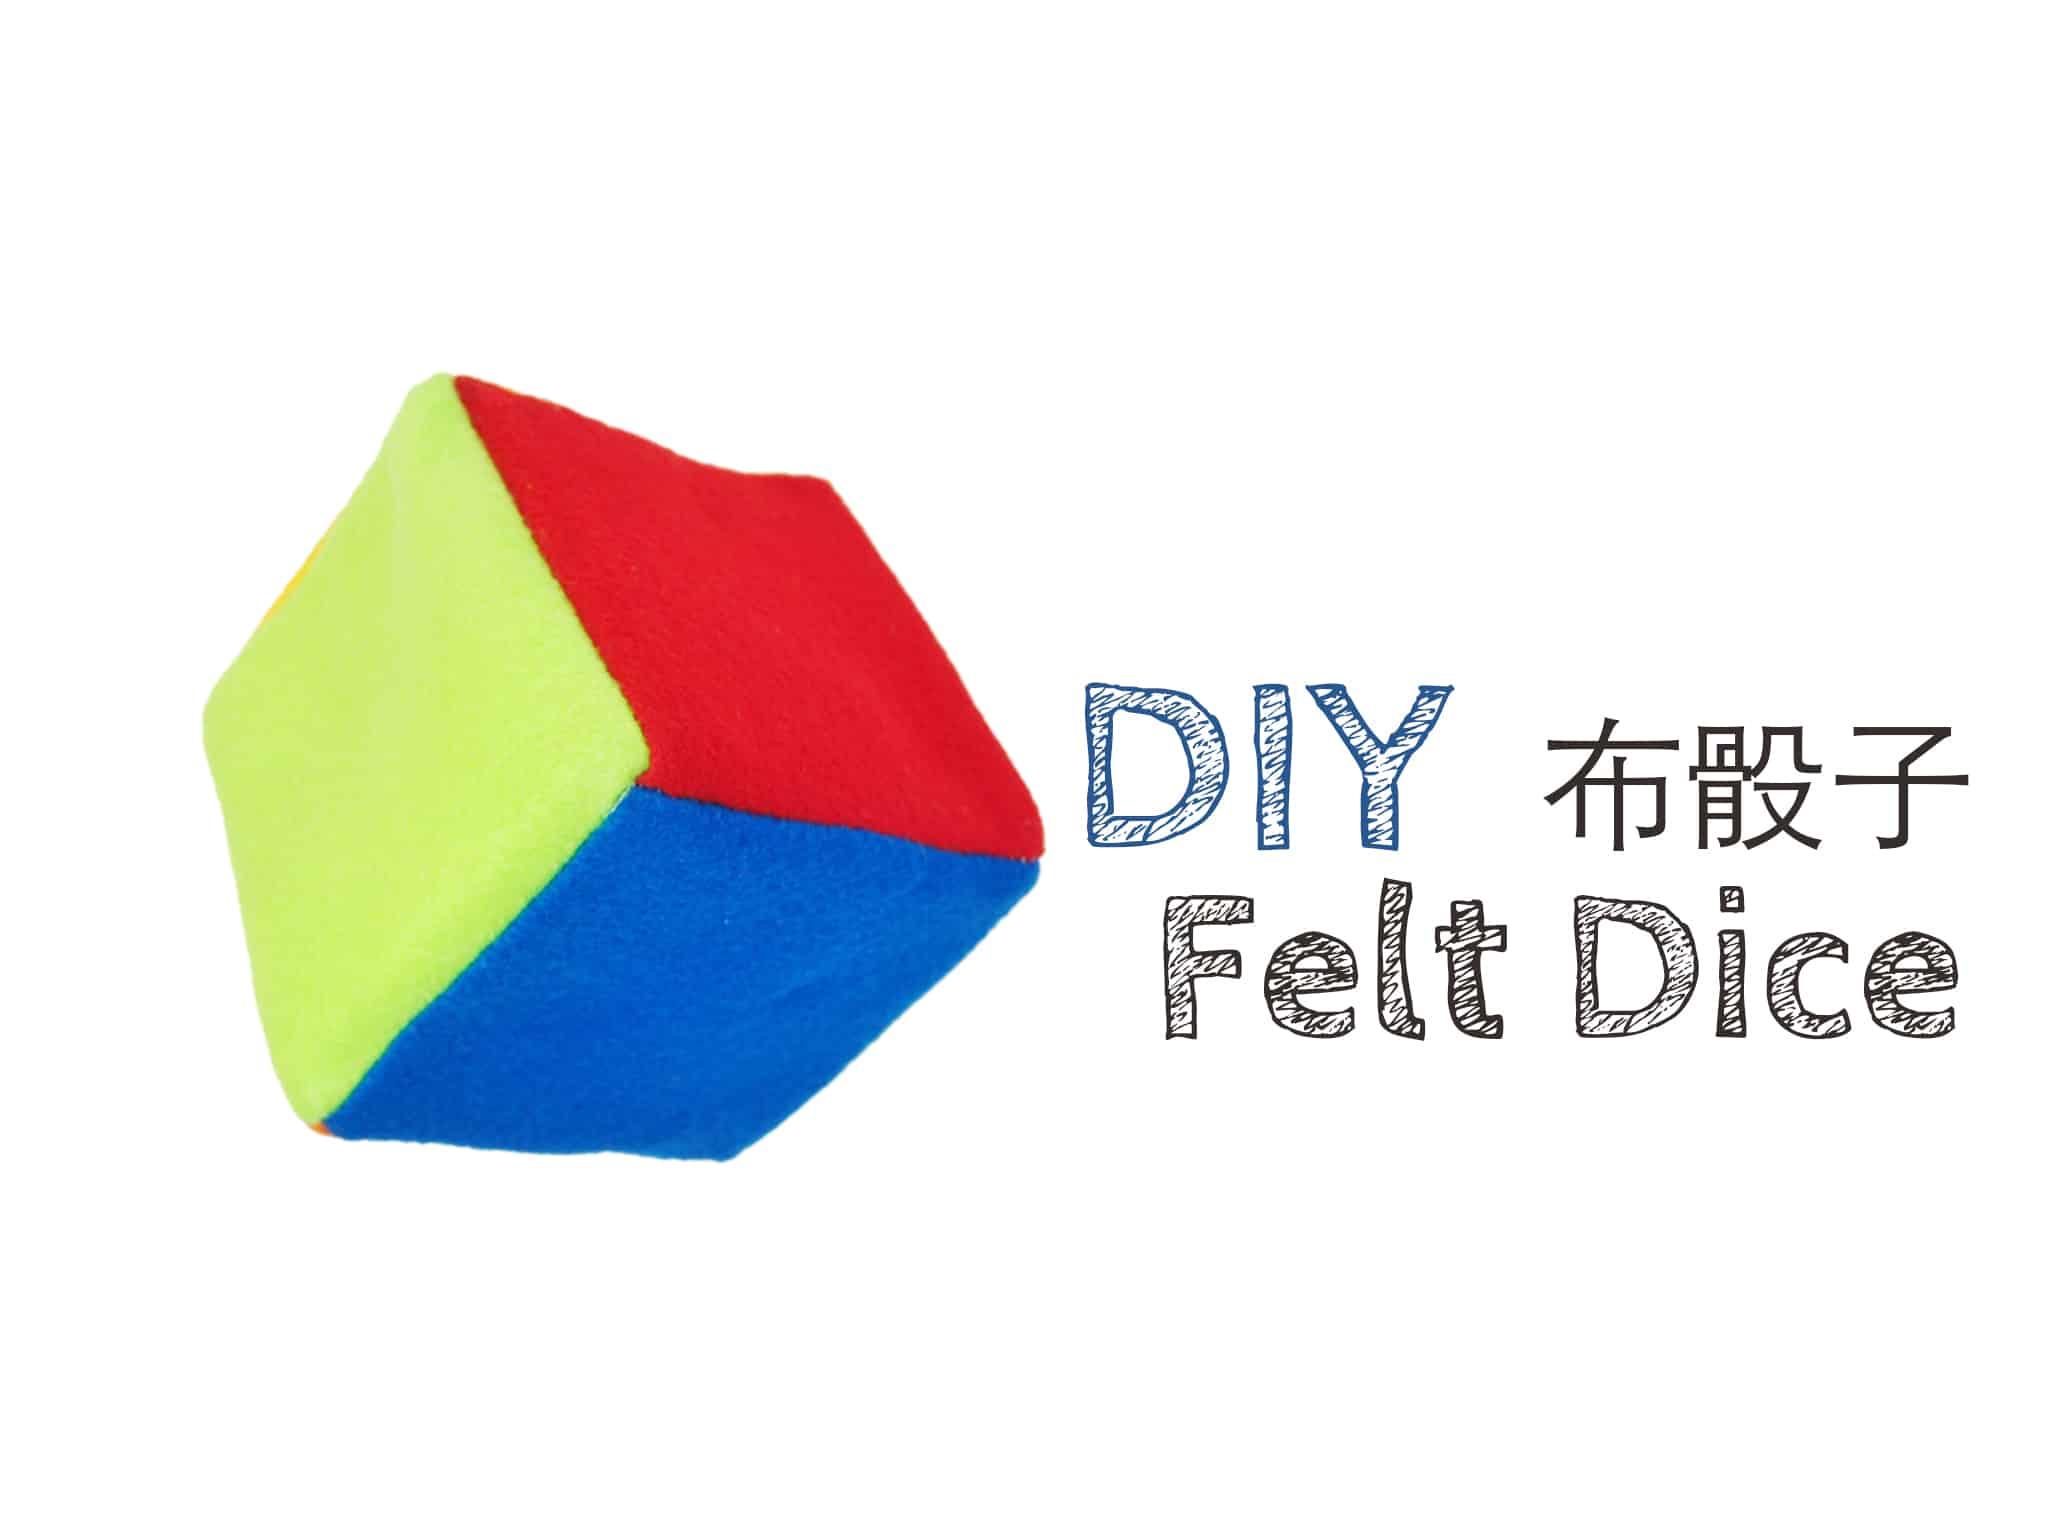 DIY 自製不織布骰子與玩法